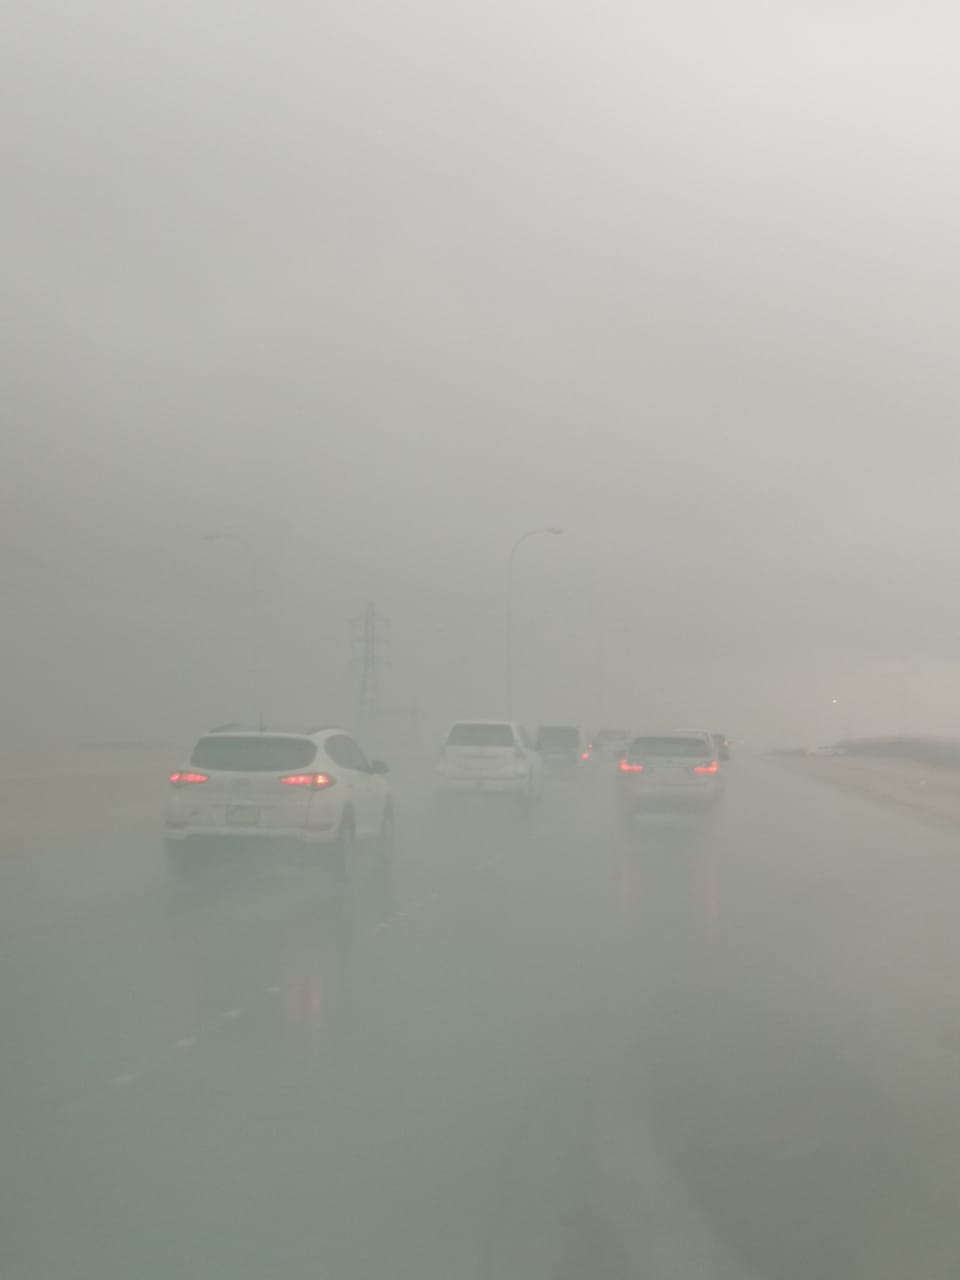 أمطار على مكة المكرمة.. والأرصاد تحذر سكان المدينة المنورة والباحة